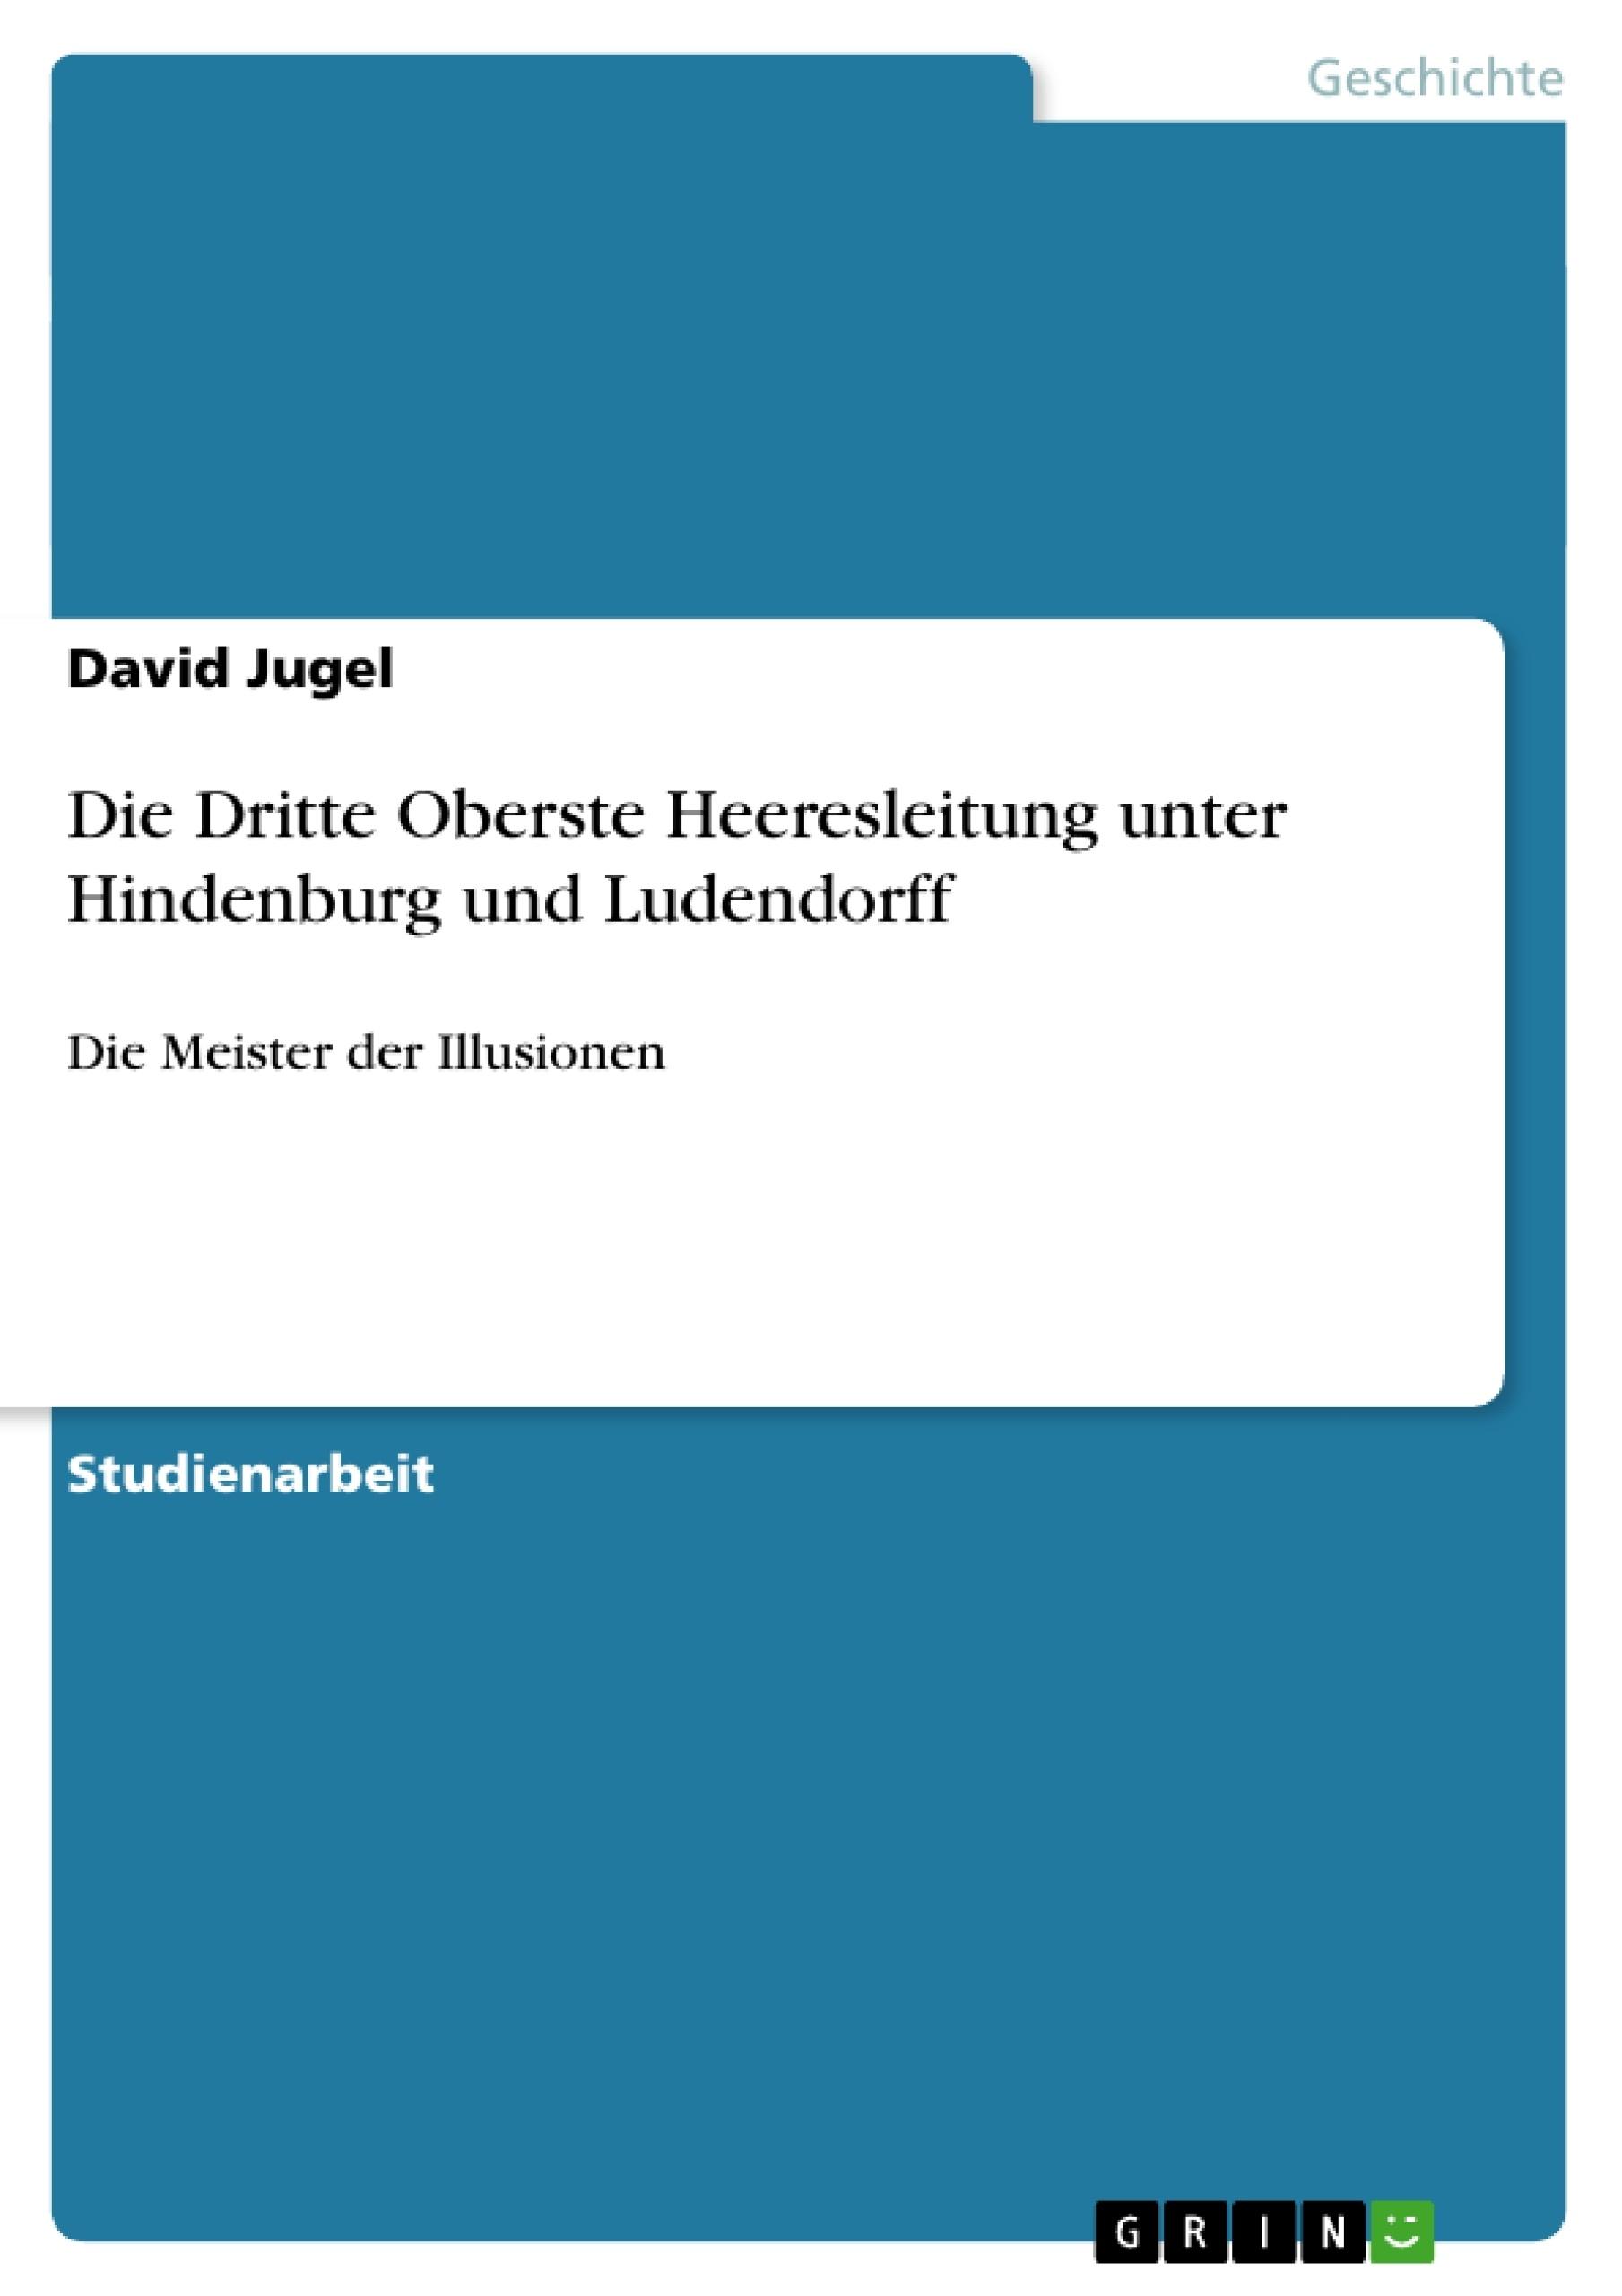 Titel: Die Dritte Oberste Heeresleitung  unter Hindenburg und Ludendorff